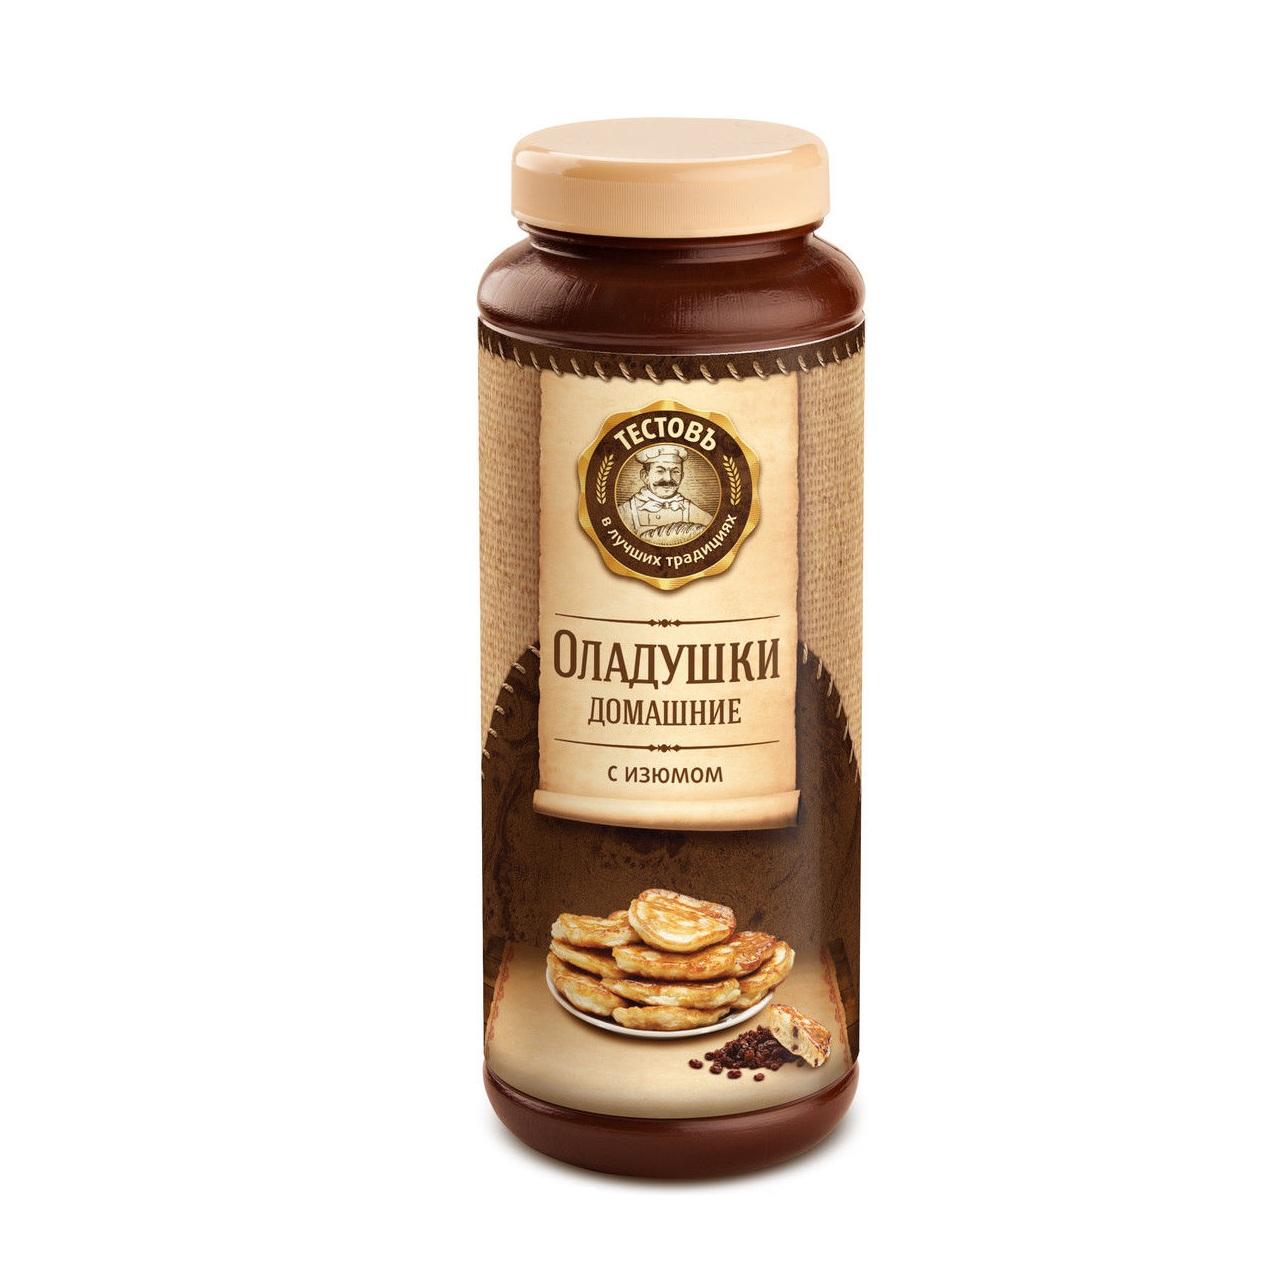 СмесисухиеОладушкидомашниесизюмомПродукция от Тестовъ - превосходные смеси, которые помогут вам приготовить хлебобулочные изделия, которыми вы удивите своих близких. Попробуйте сухую смесь Оладушки для ваших кулинарных экспериментов.<br>